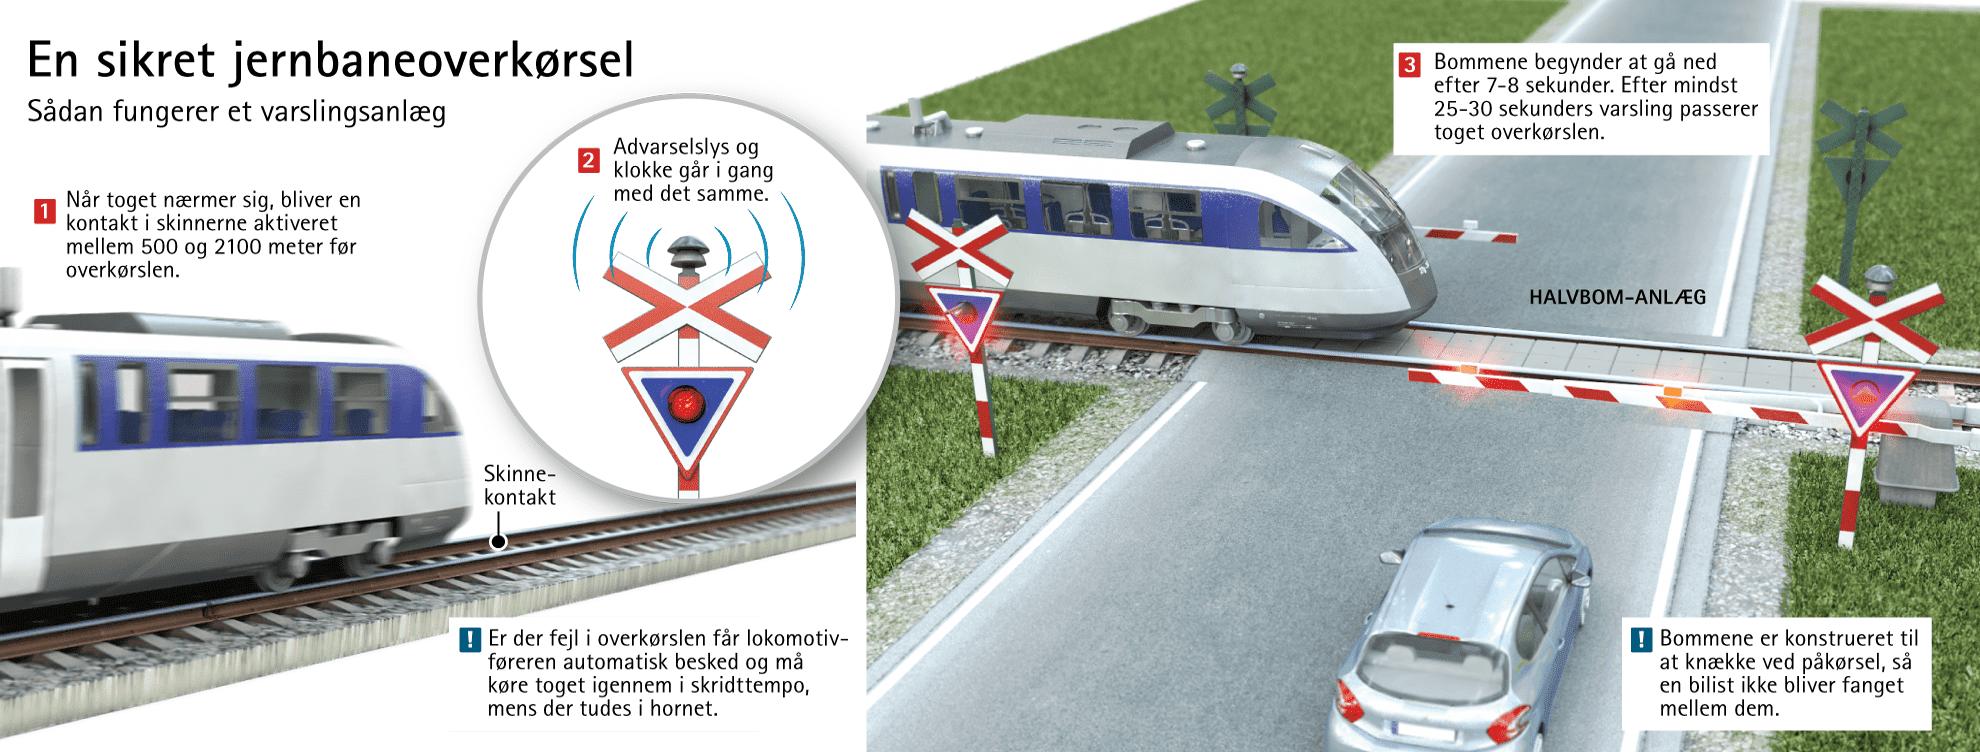 Jernbaneoverkørsel3